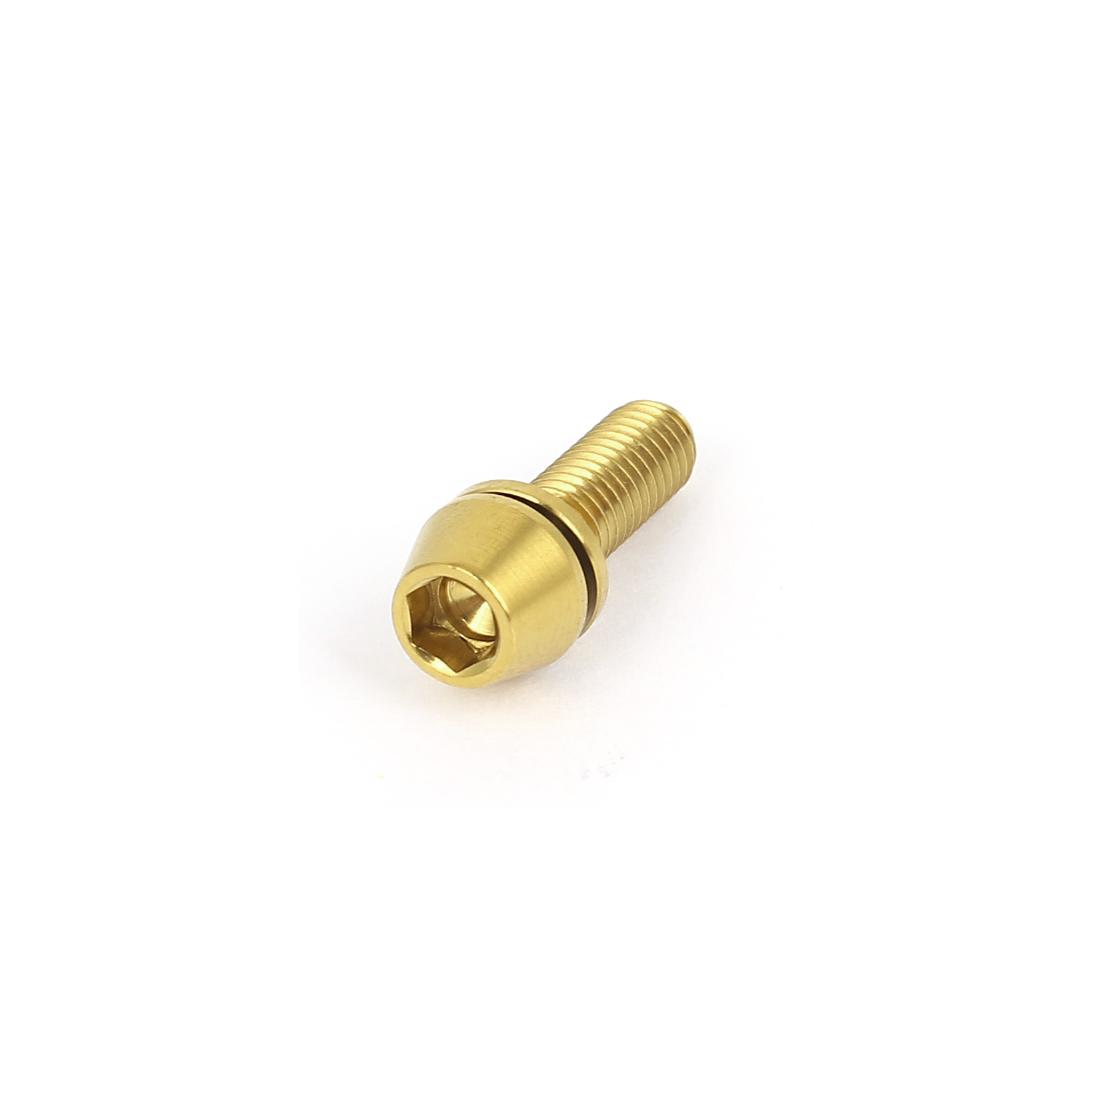 M5x0.8mmx16mm Gold Tone Titanium Hex Key Washer Taper Head Bolt Bike MTB Screw